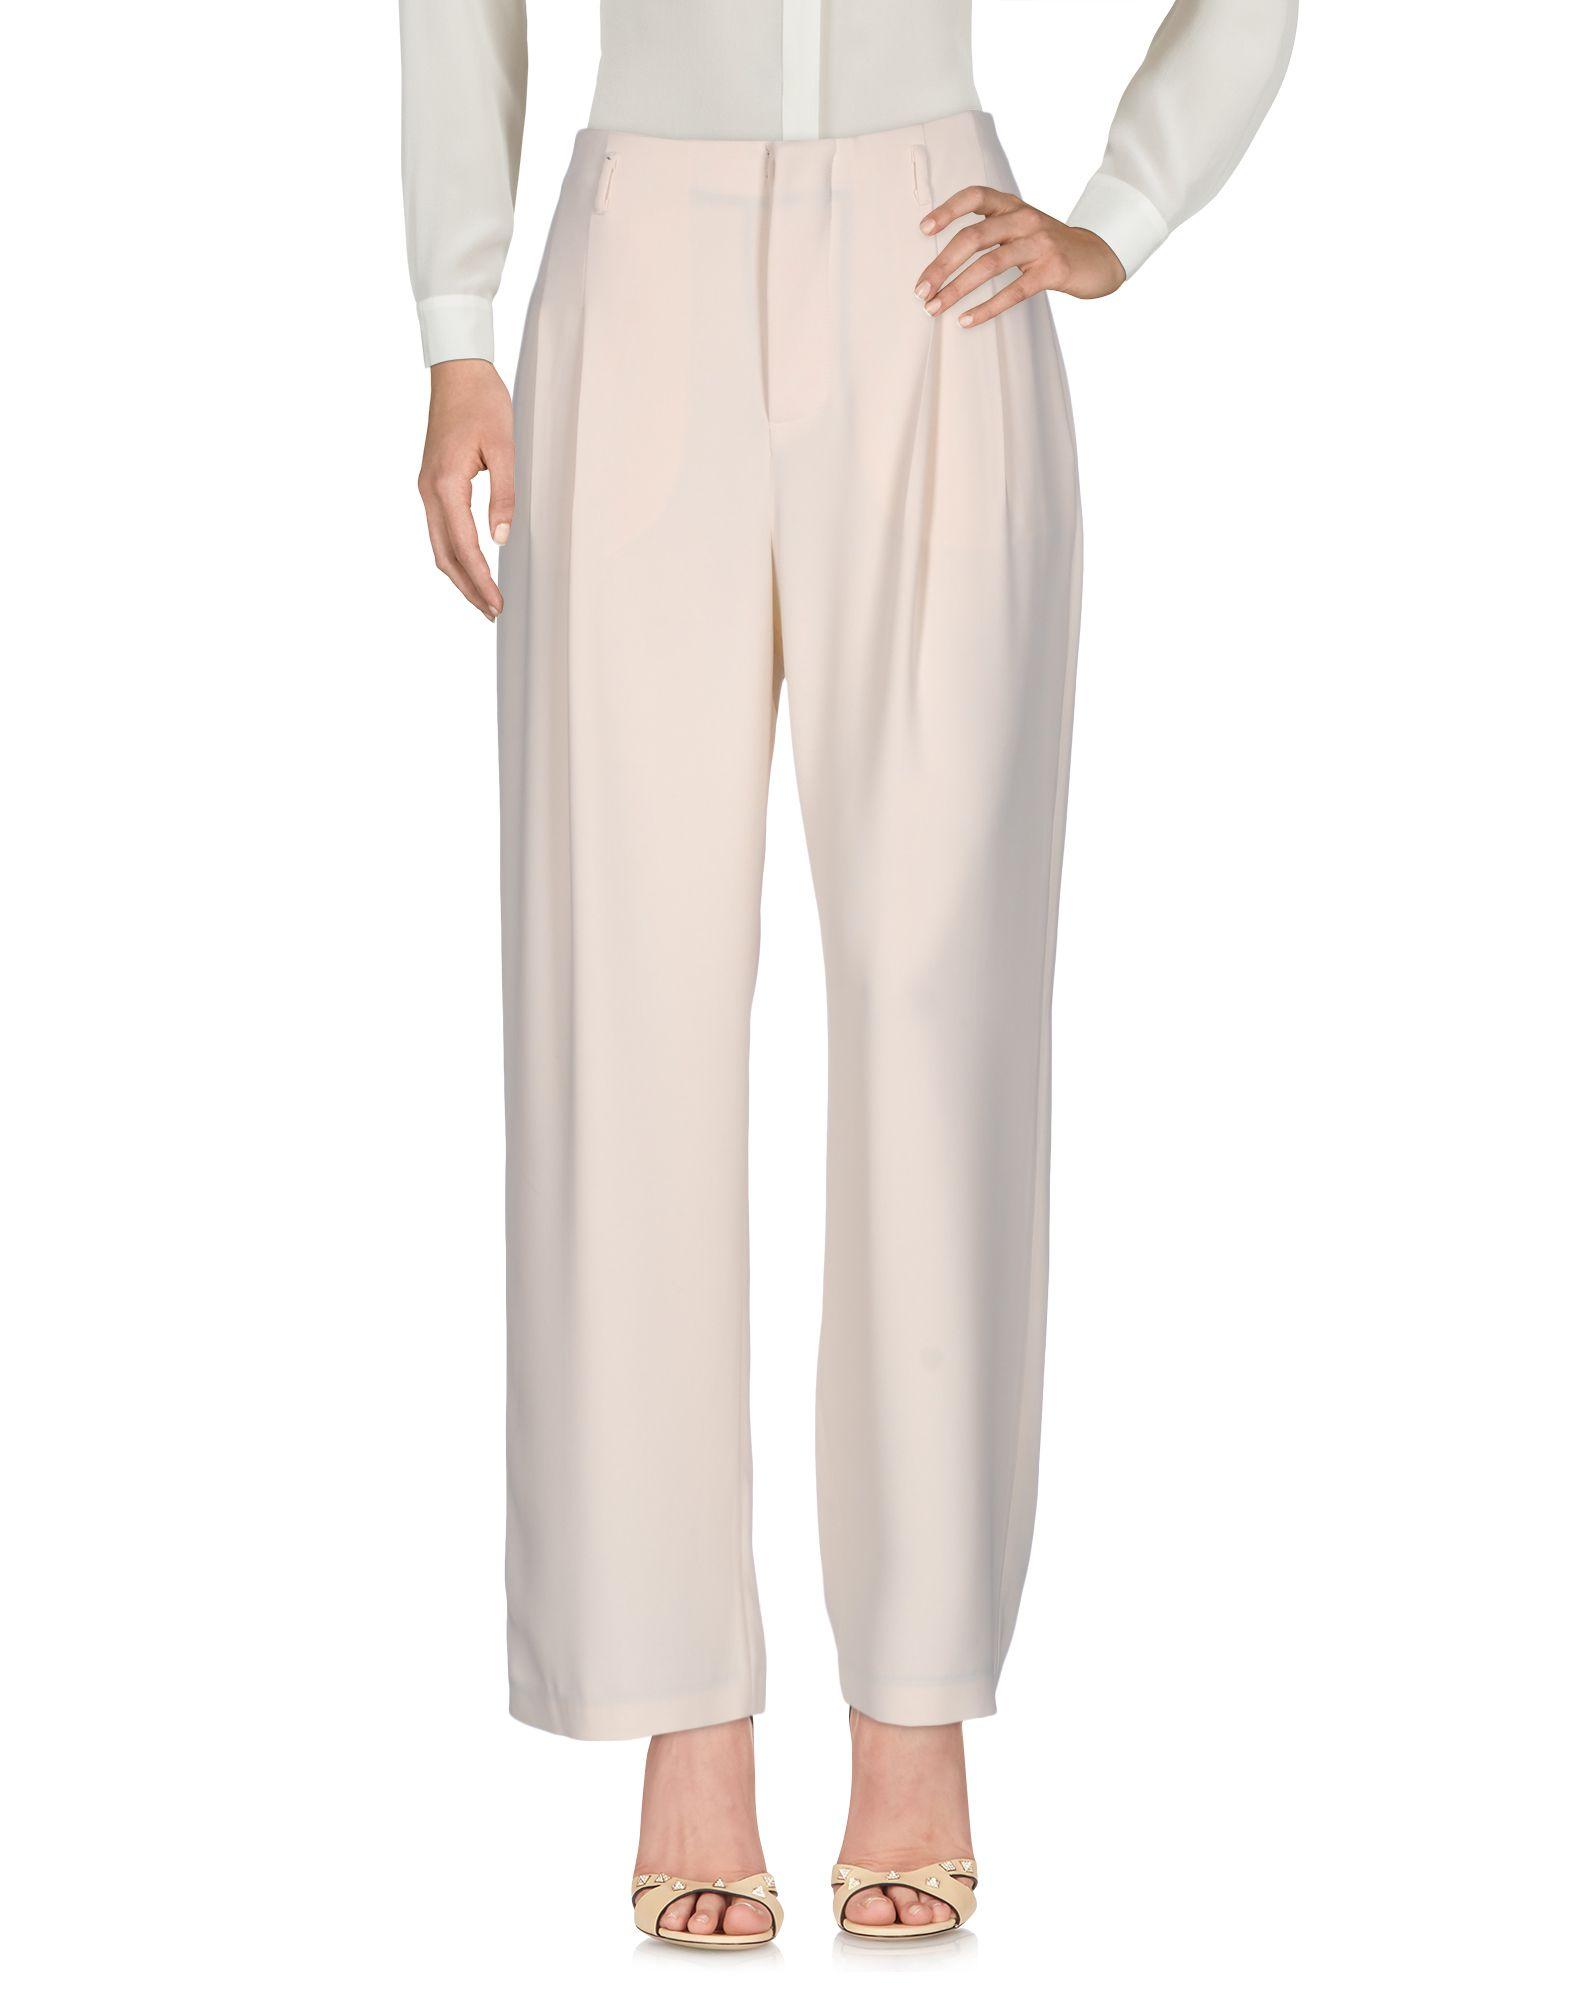 Pantalone Liviana Conti Donna - Acquista online su 9Xf57Yntq